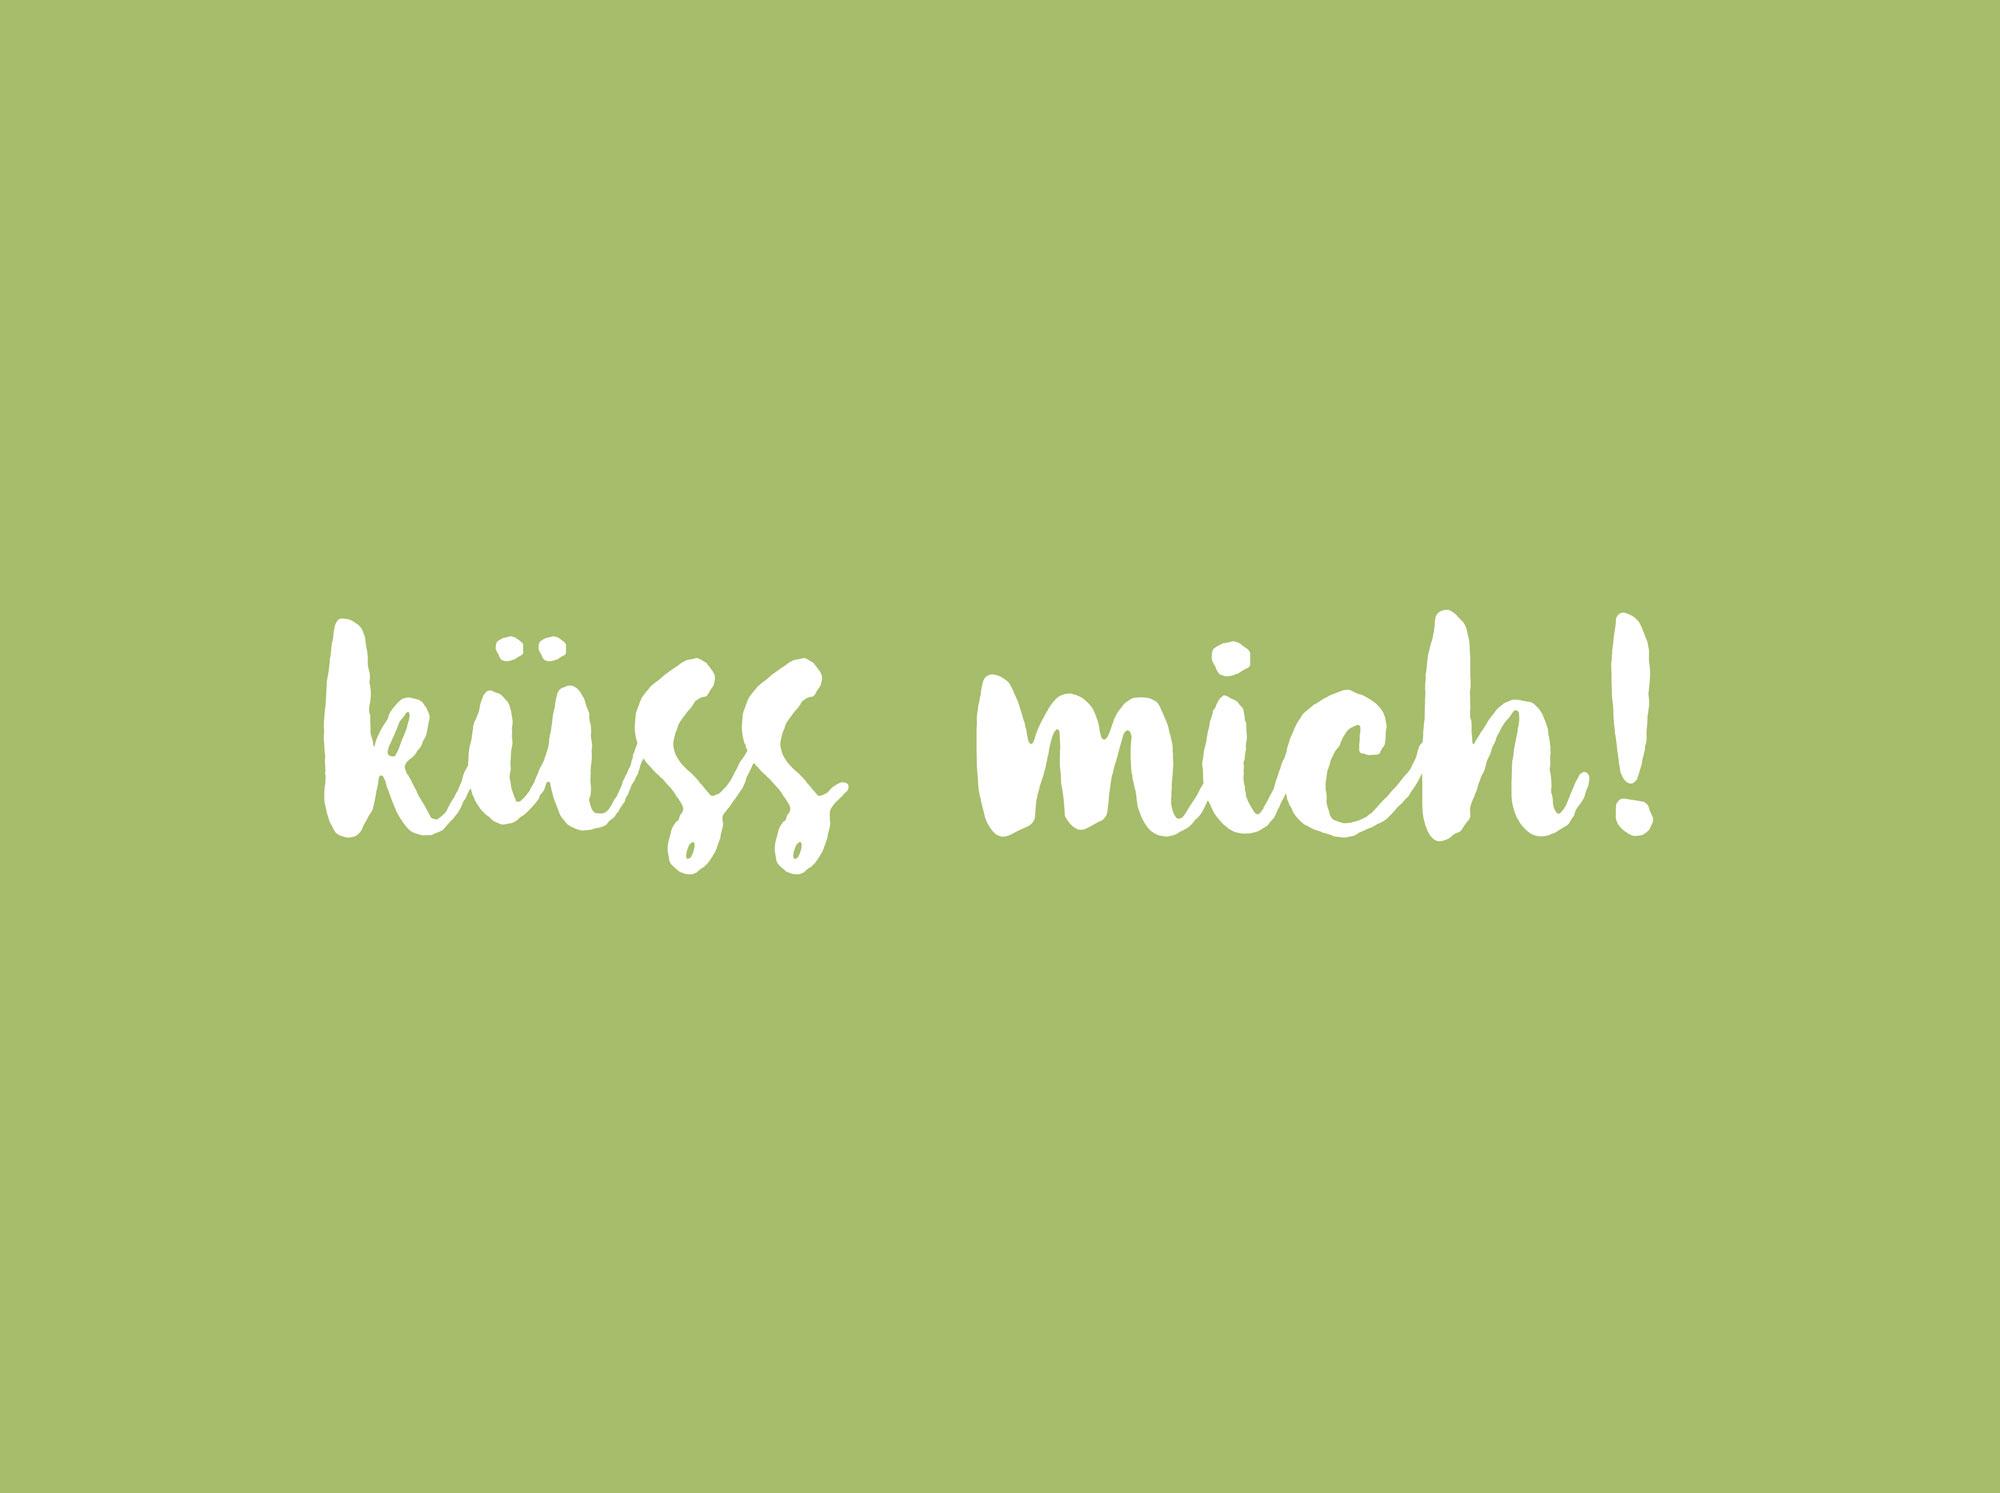 Ich Frosch! - Küssen wir total unterschätzt. Die meisten Paare küssen sich oft, wenn sie sich kennenlernen, dann, wenn die Hormone noch frisch und wild sind. Doch im Laufe der Beziehung wird das Küssen immer weniger, bis es oft …